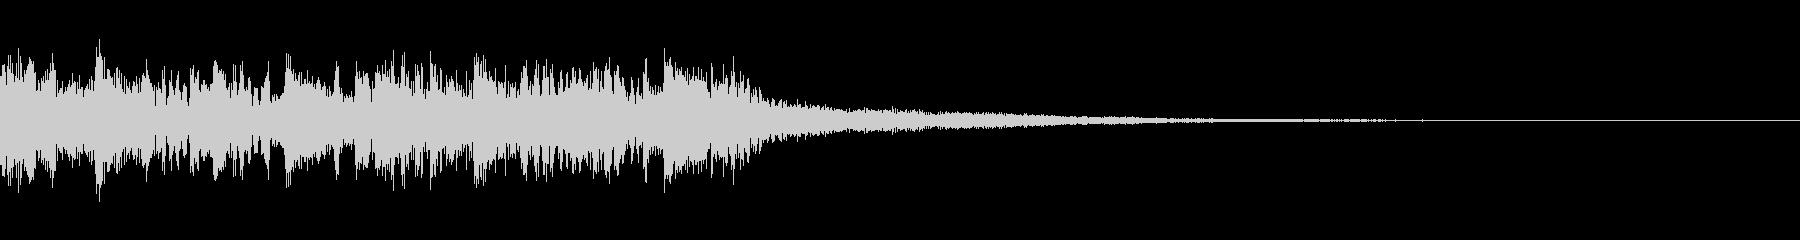 ニュース ラジオ テクノジングル9の未再生の波形